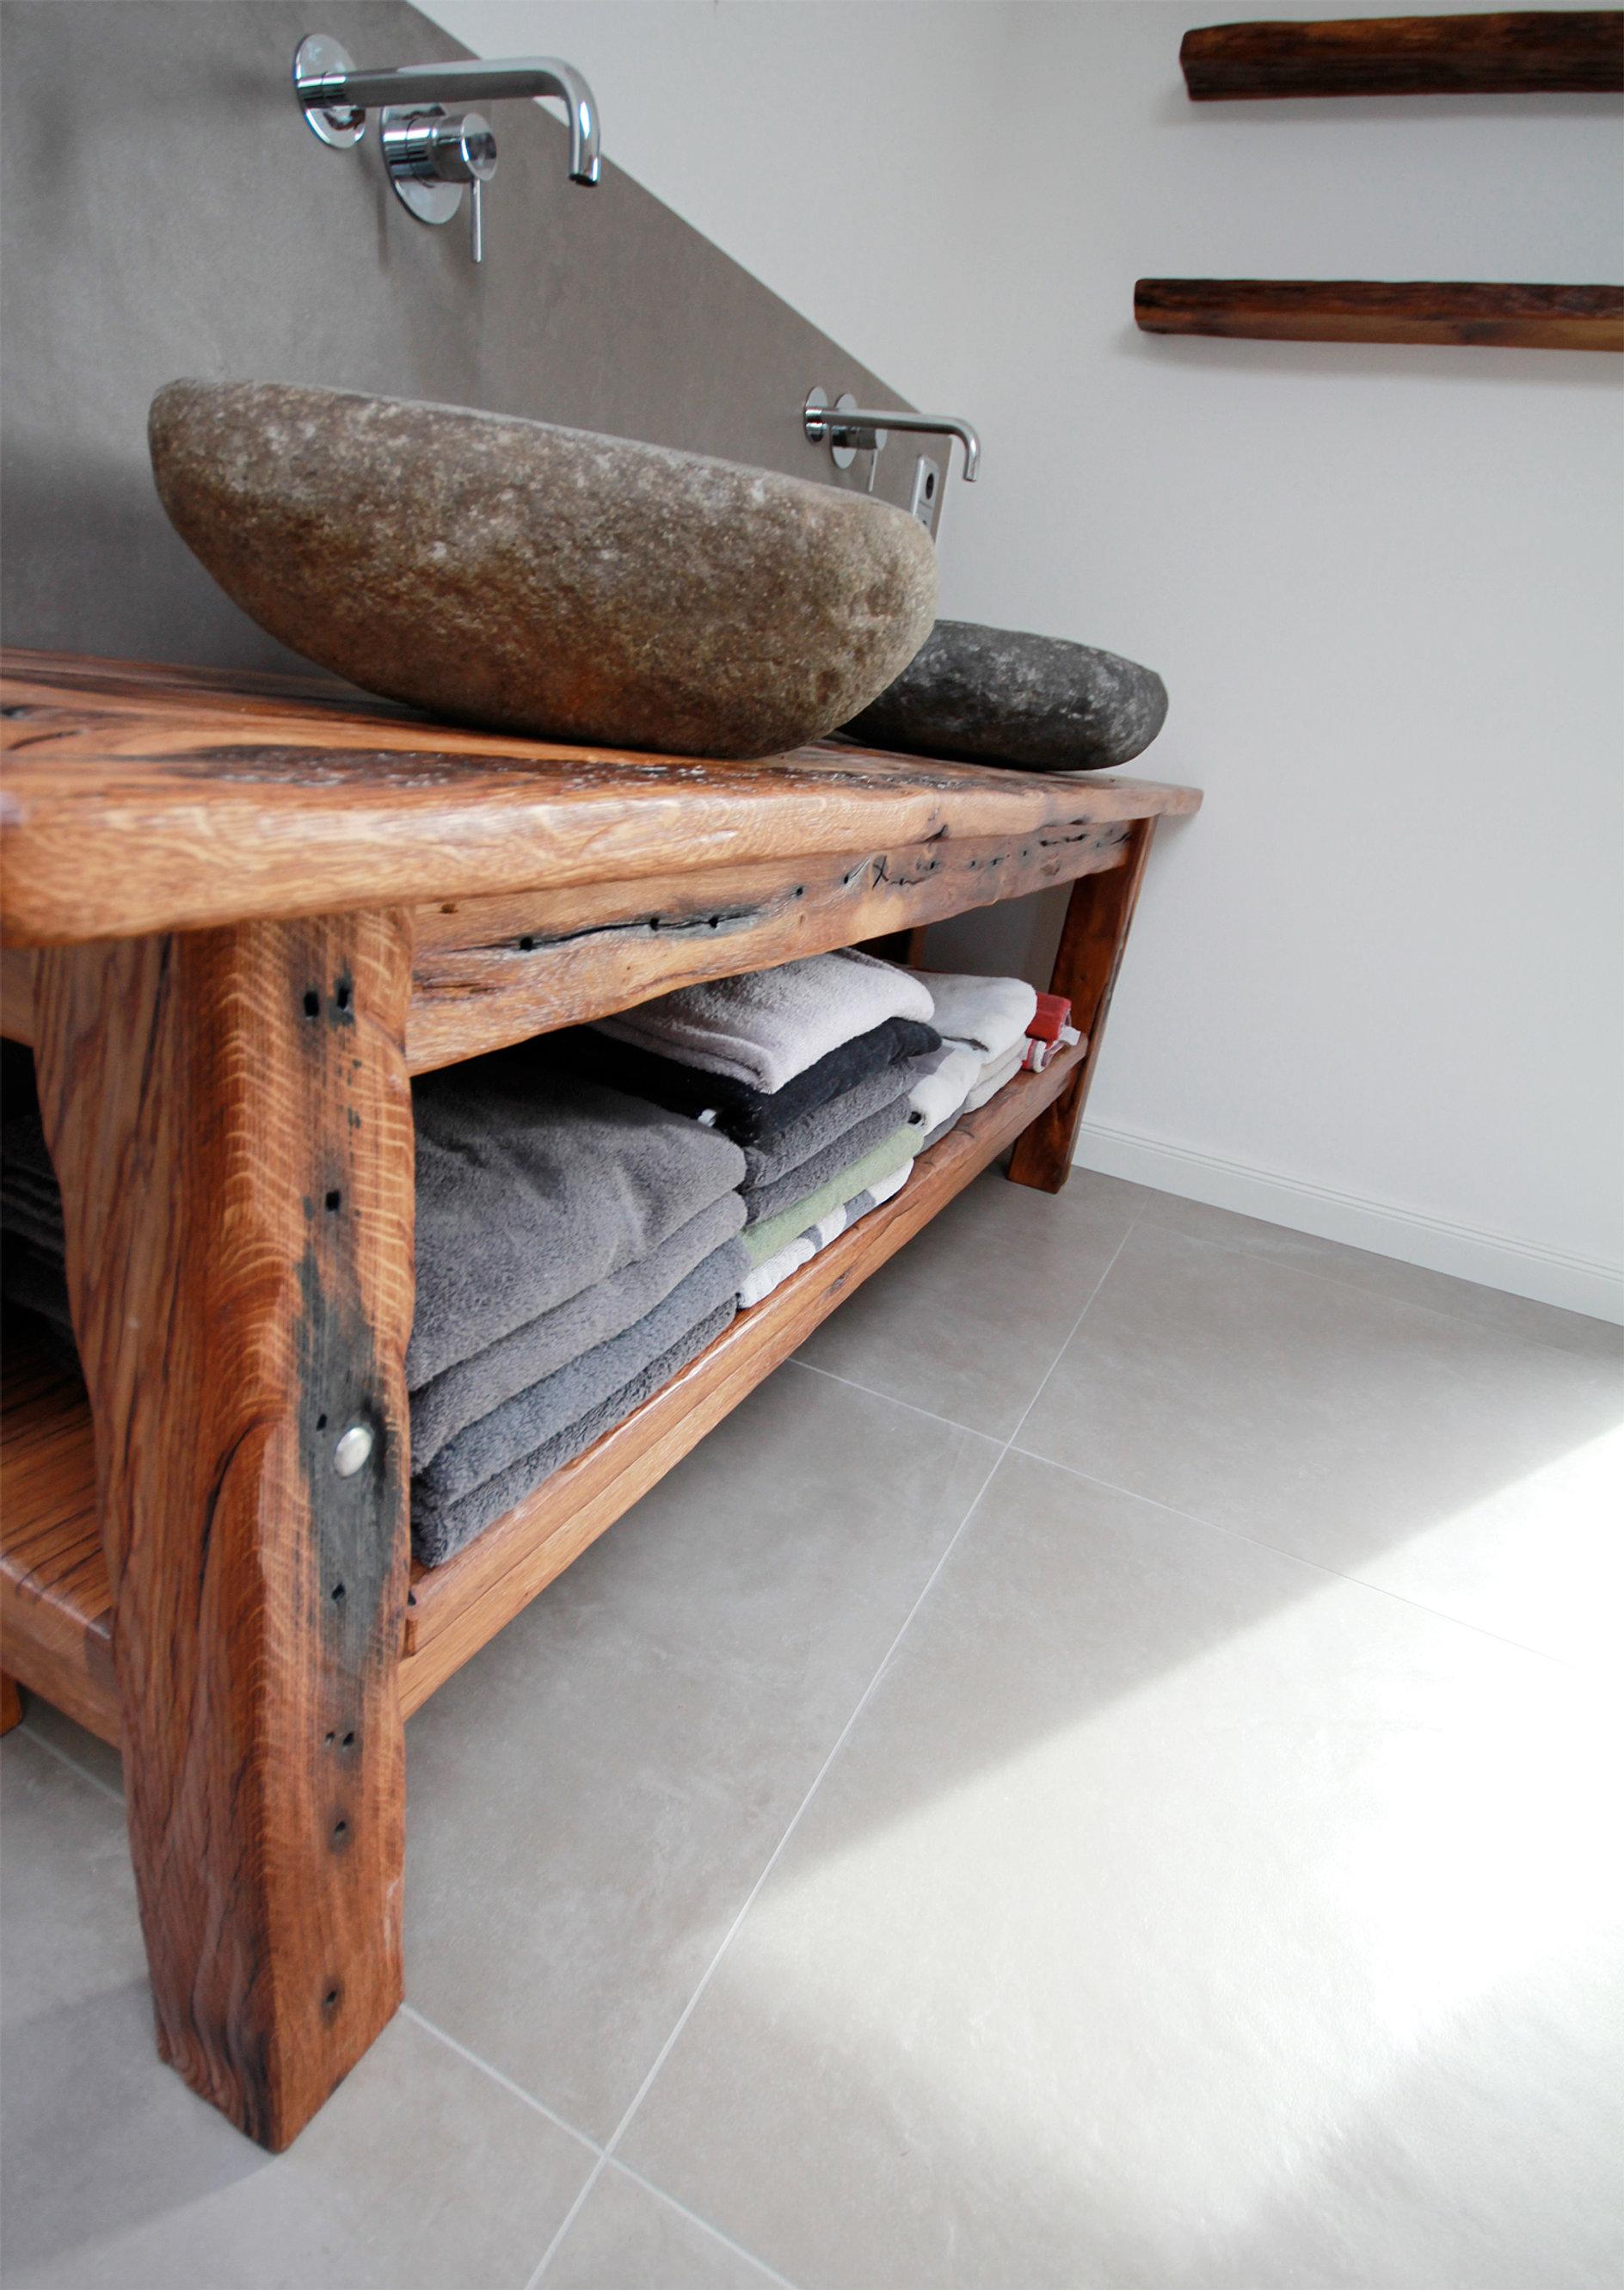 Waschtisch altholz  waschtisch altholz - Bestseller Shop für Möbel und Einrichtungen